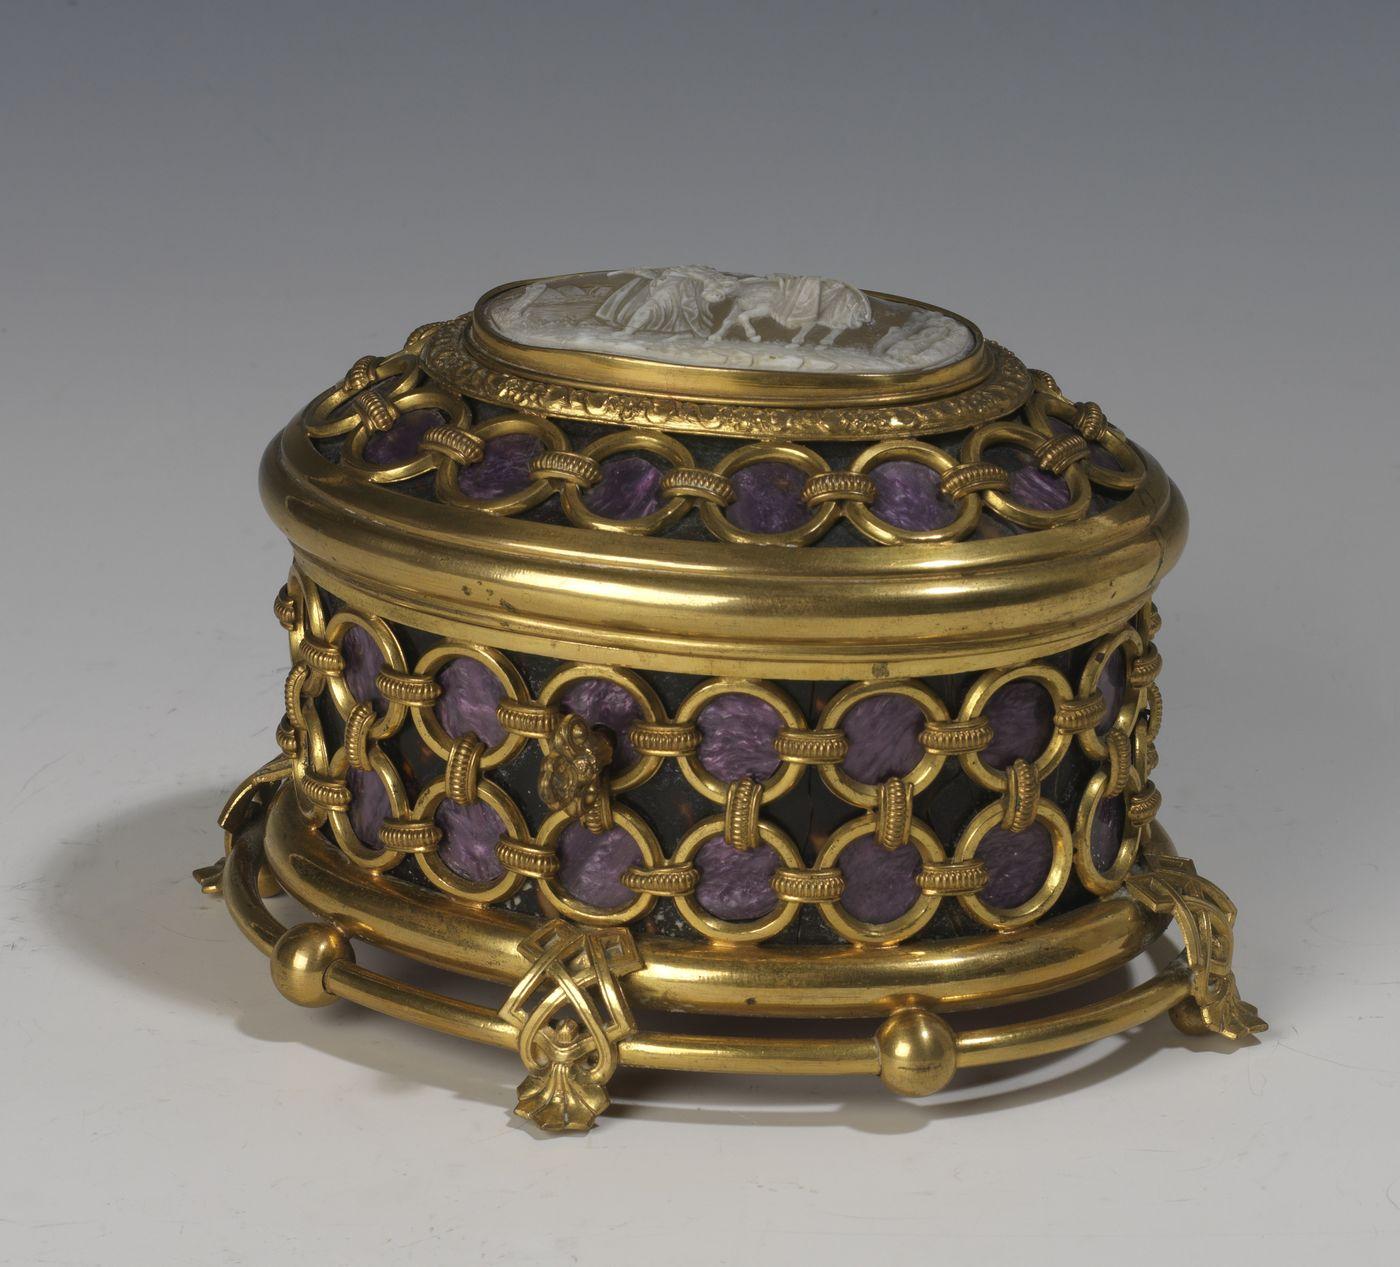 Boite à décor d'anneaux en laiton - Patrimoine Charles-André COLONNA WALEWSKI, en ligne directe de Napoléon